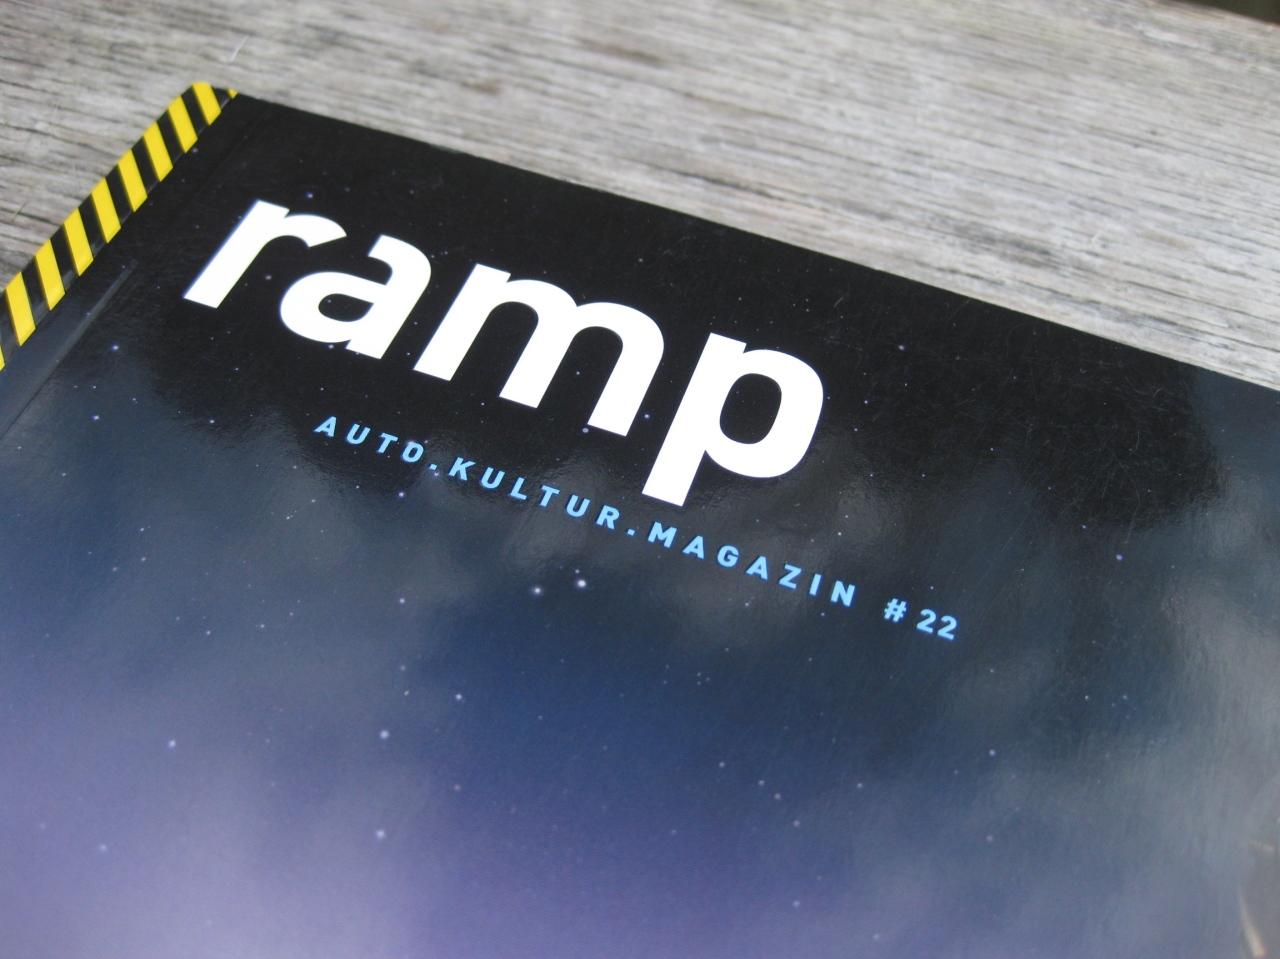 RAMP – Auto. Kultur.Magazin